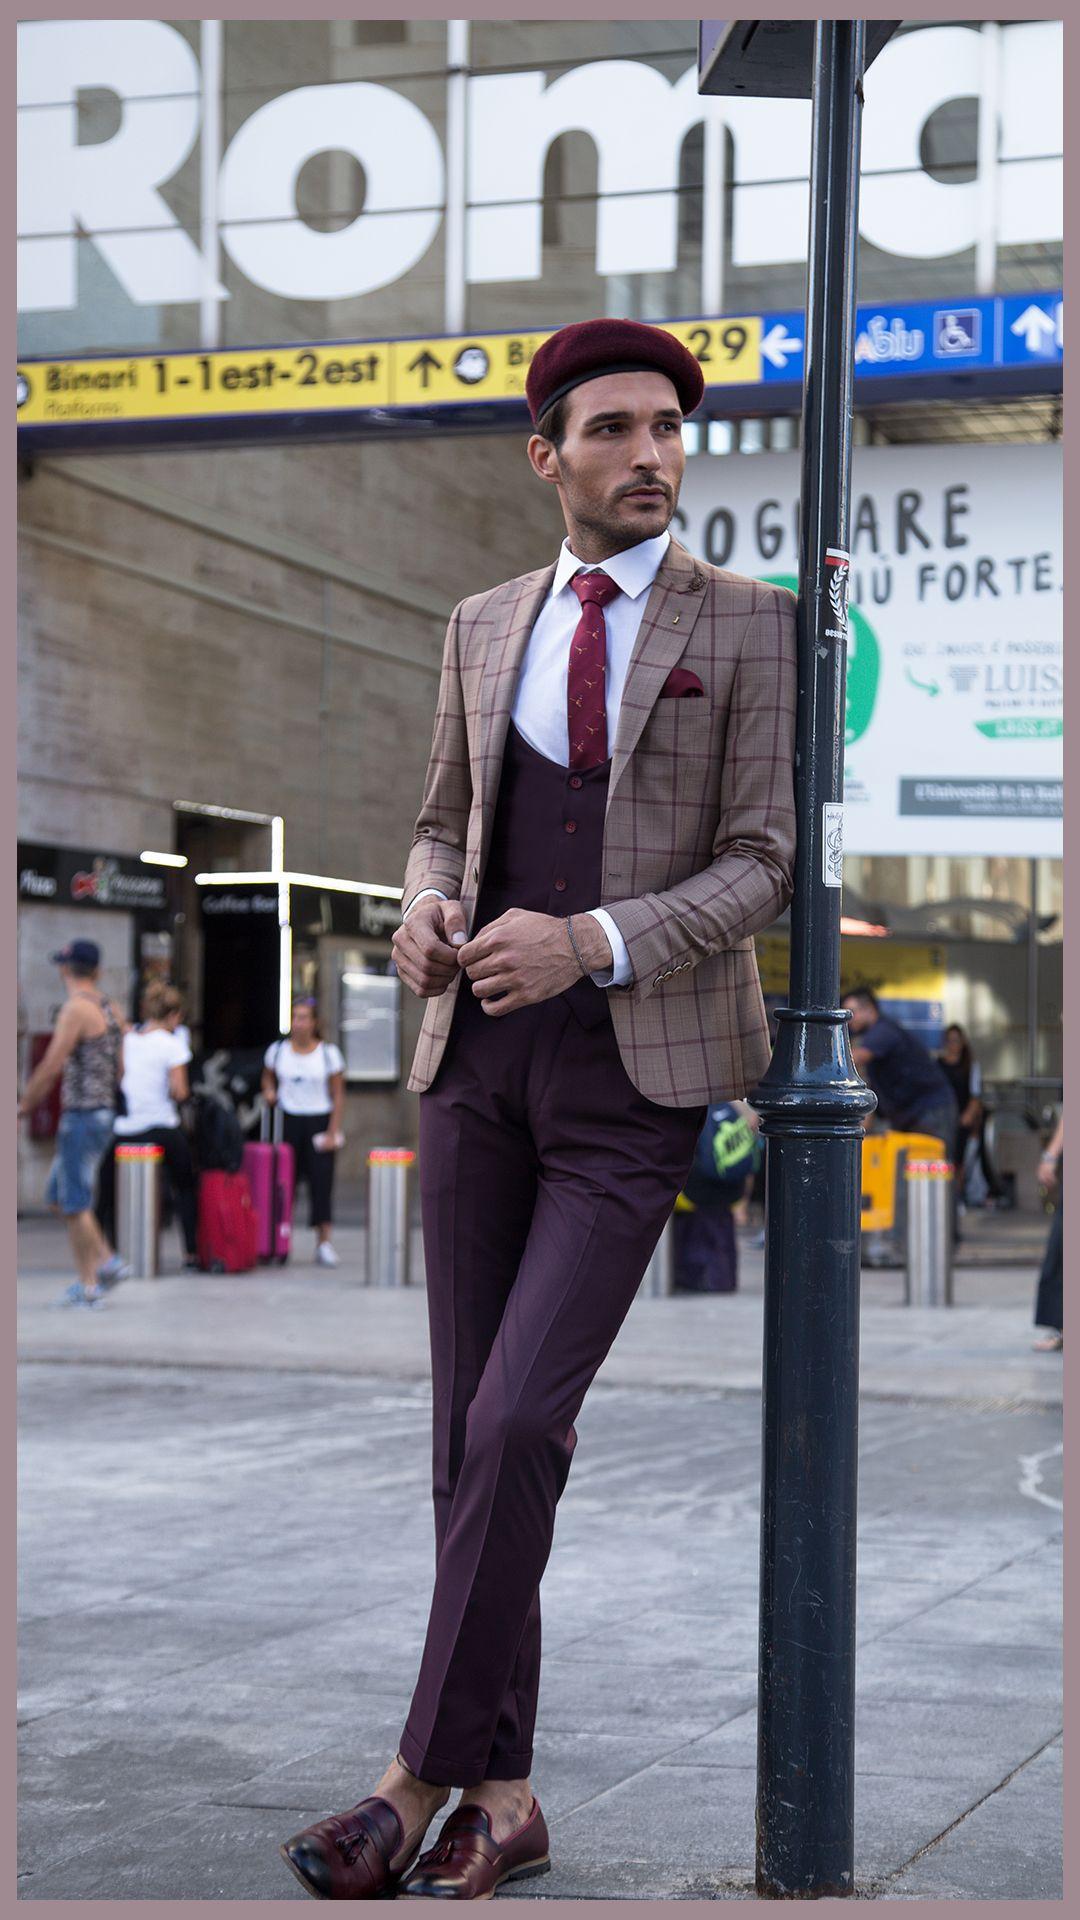 b3cf749525bdf Wessi Menswear %50 İndirim Ocak Sonuna Kadar Devam Ediyor. Wessi Menswear  %50 Discount